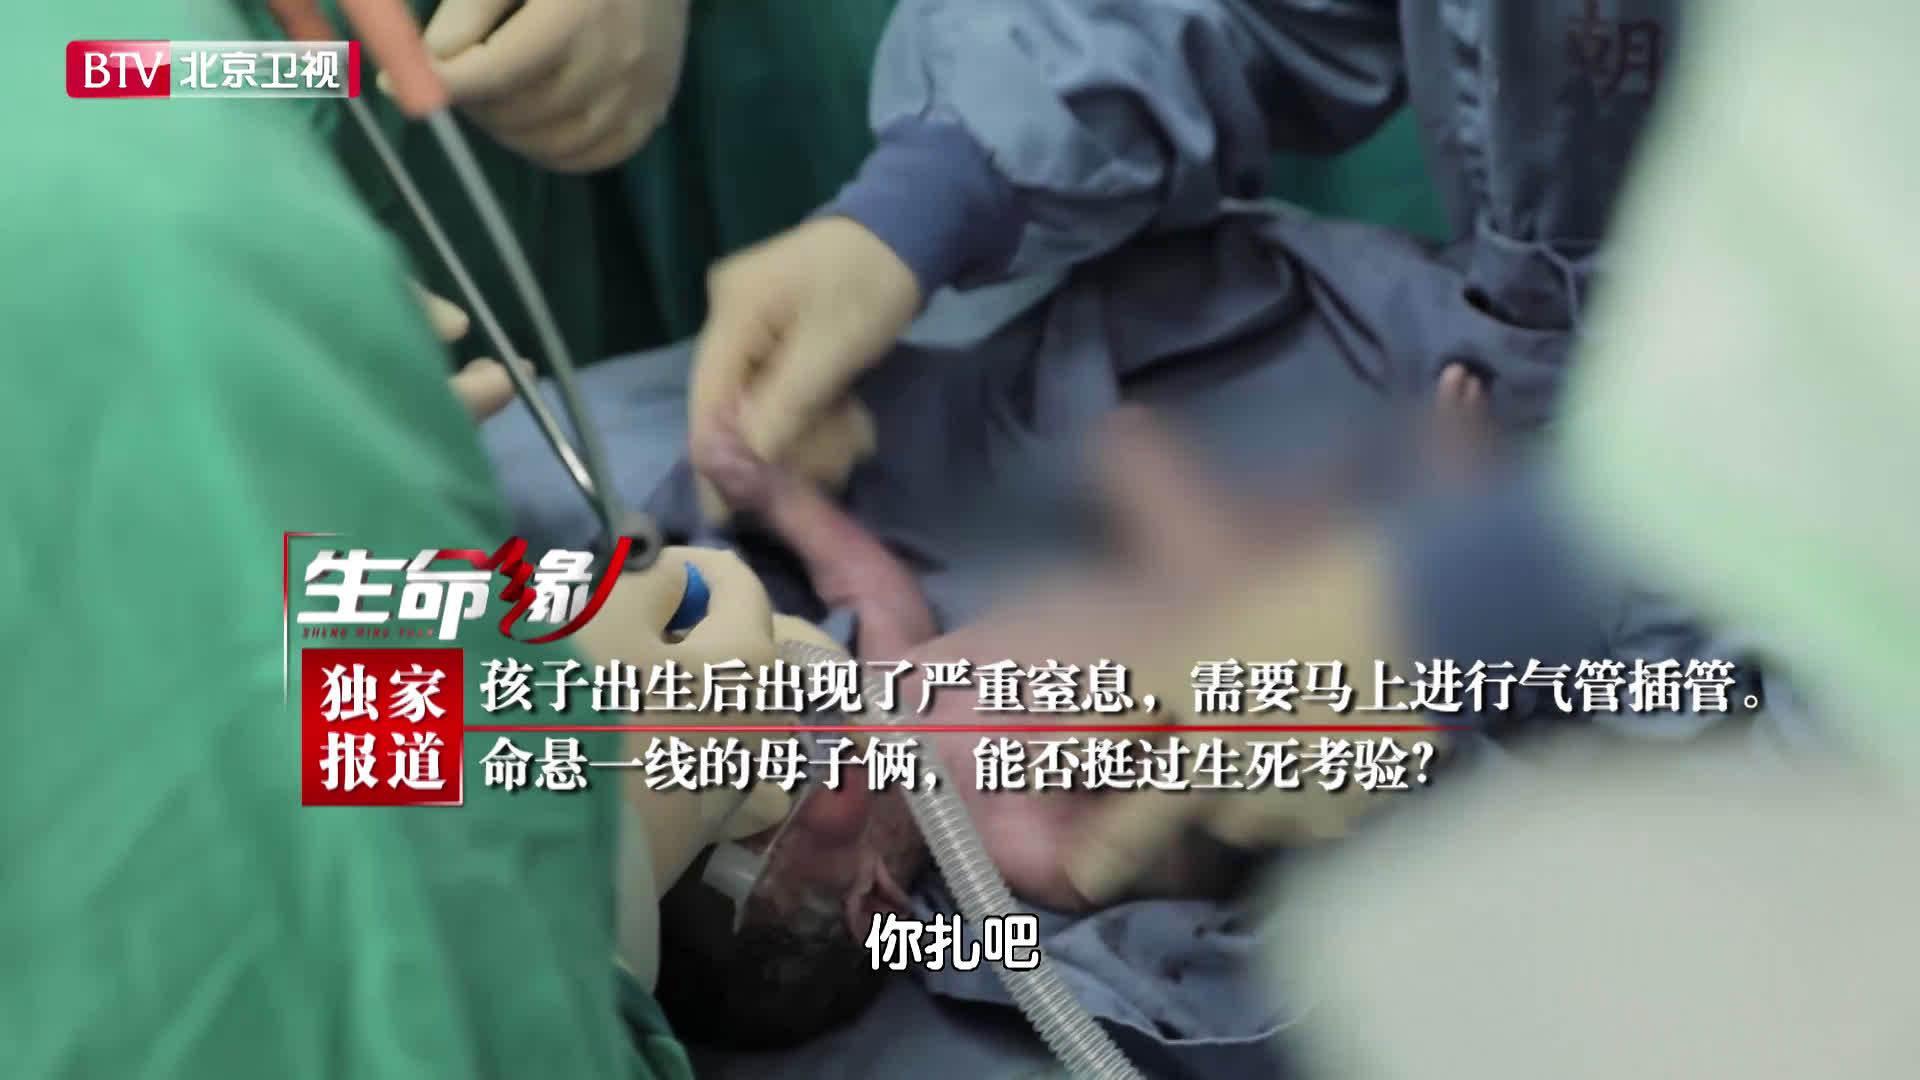 37岁的产妇刘晶被确诊为主动脉夹层……